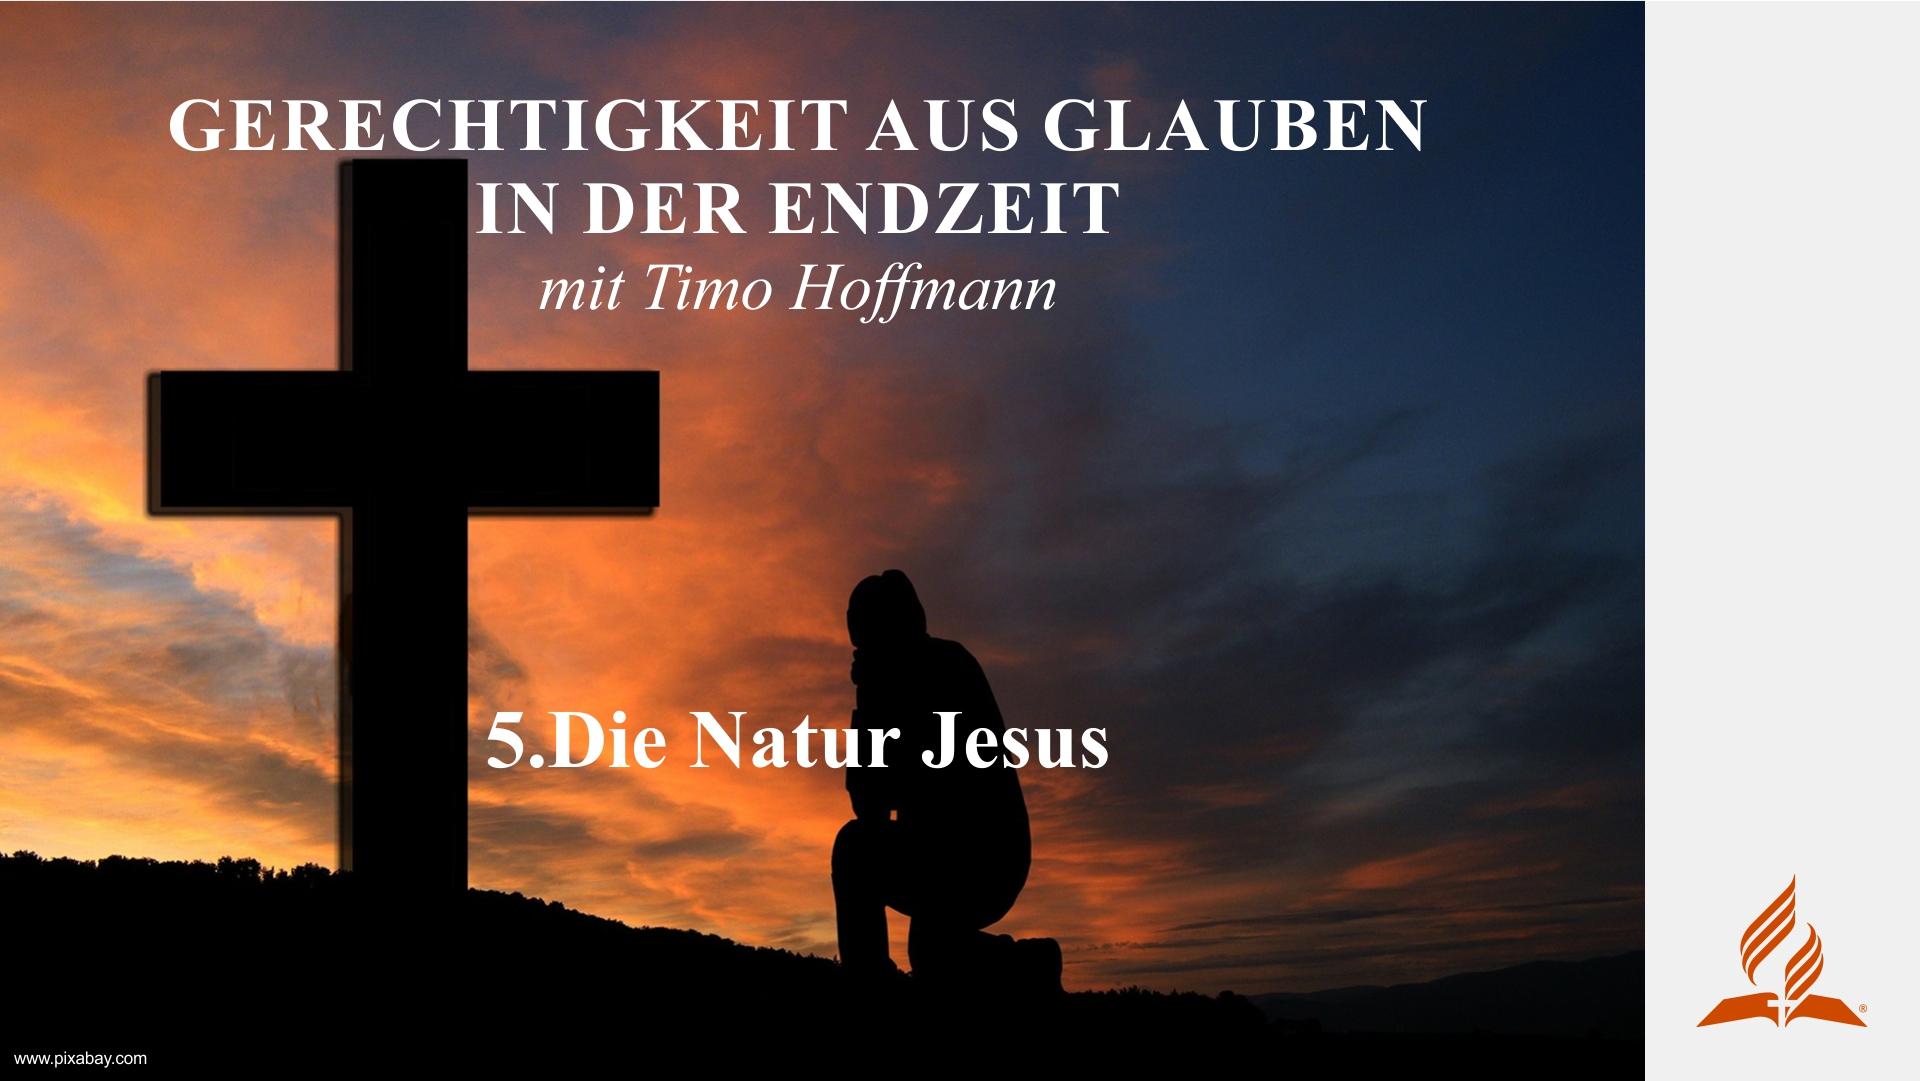 5.Die Natur Jesus – GERECHTIGKEIT AUS GLAUBEN IN DER ENDZEIT | Timo Hoffmann